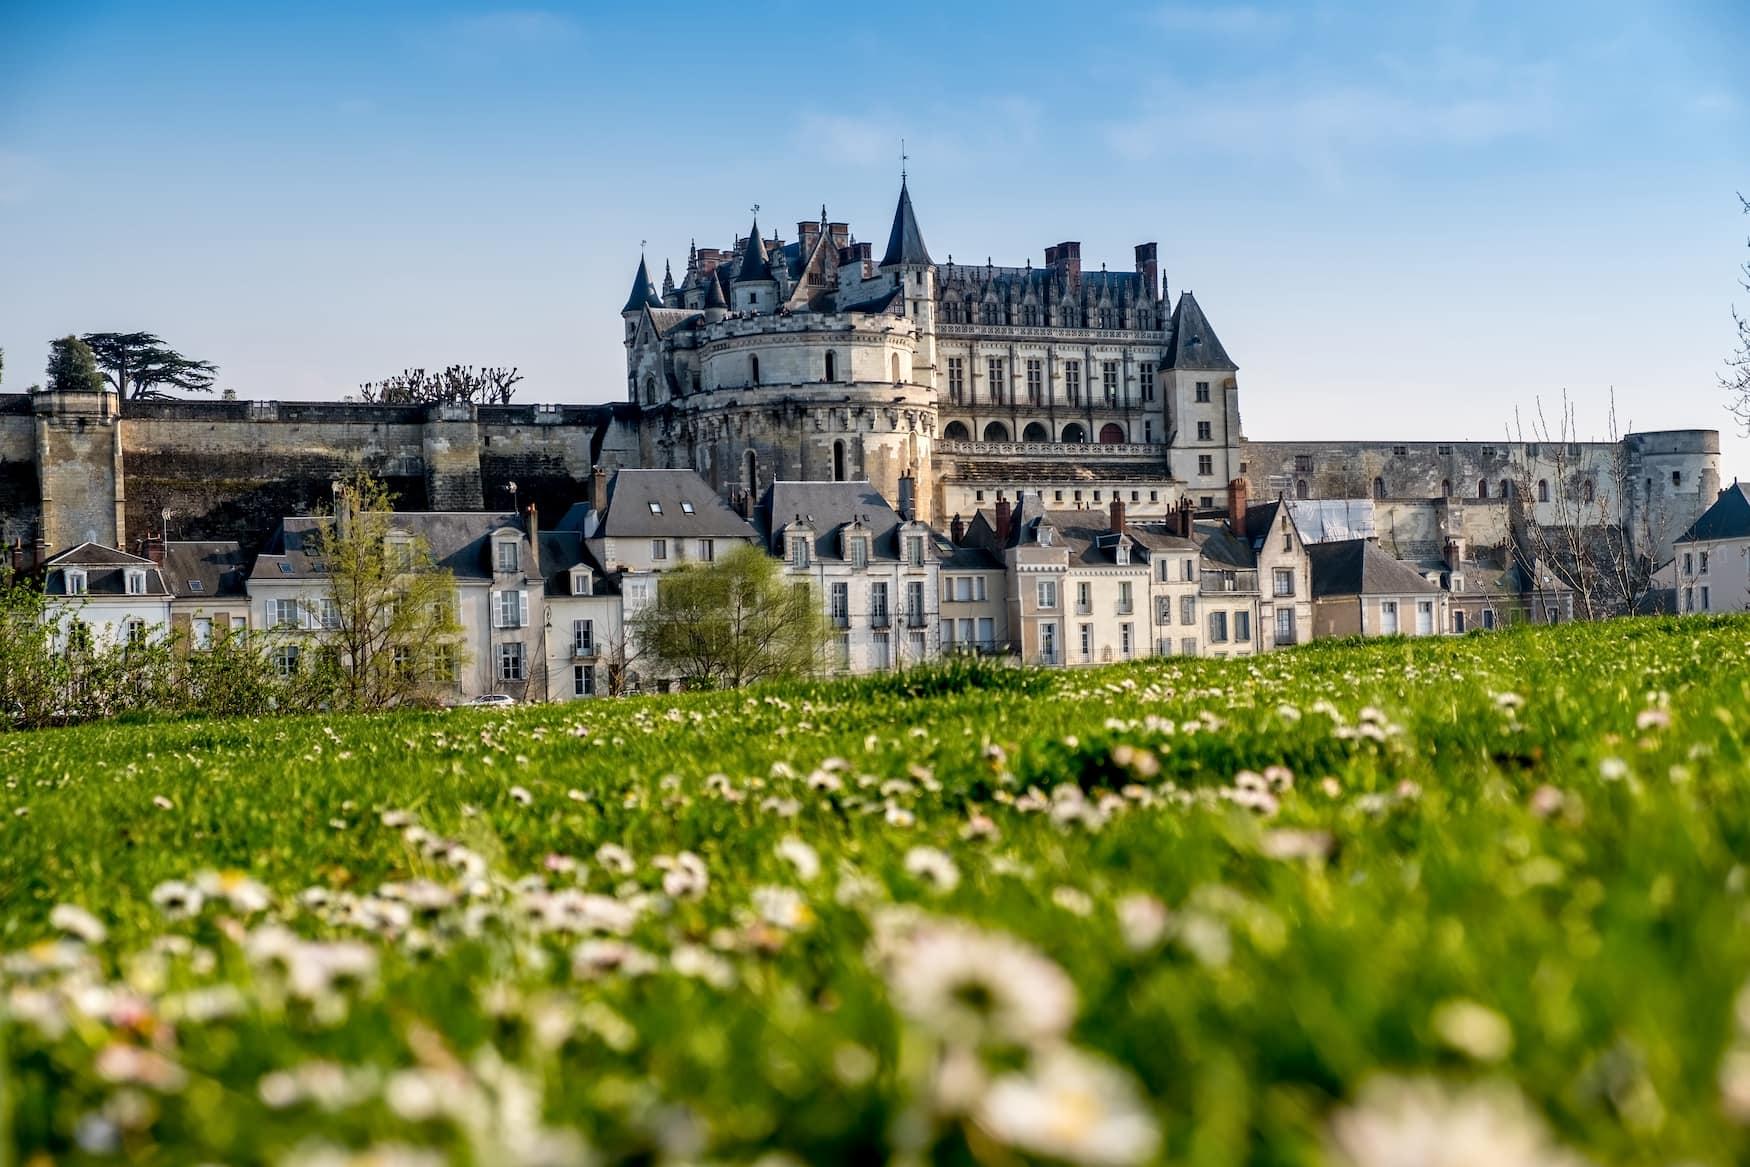 Eines der bekanntesten Schlösser im Loiretal ist das Schloss Amboise